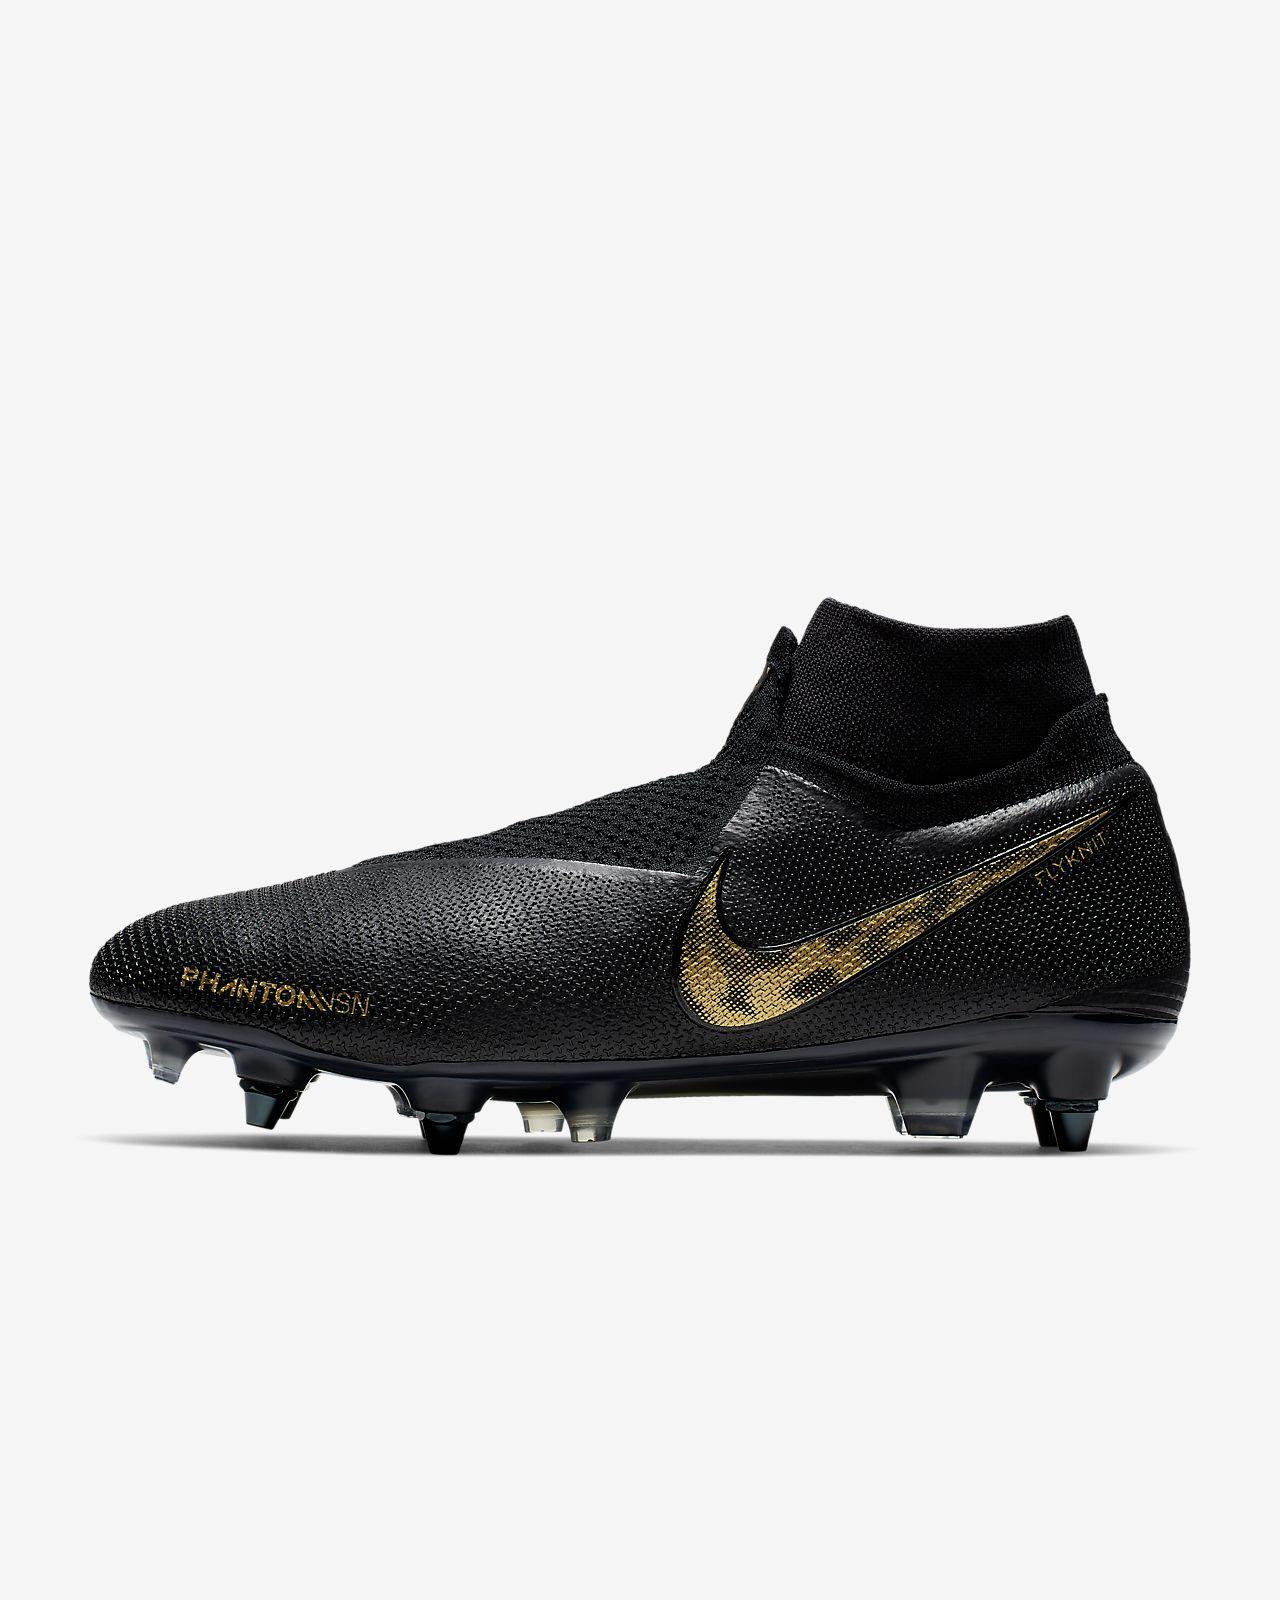 save off 4e54e 5e86d ... Nike Phantom Vision Elite Dynamic Fit Anti-Clog SG-PRO-fodboldstøvle